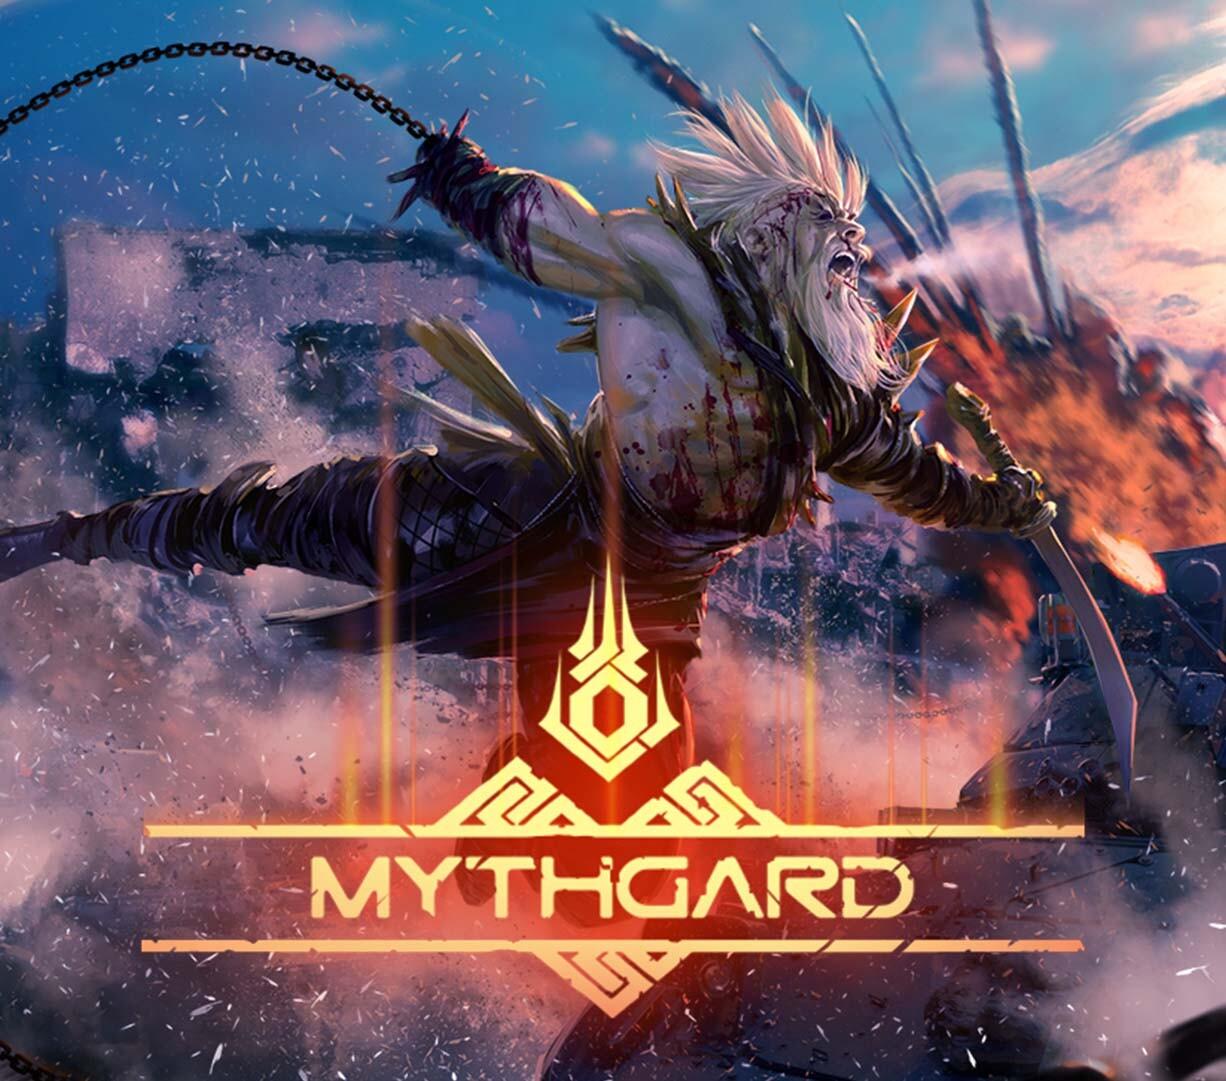 Mythgard - The Undead Tyr Monomund